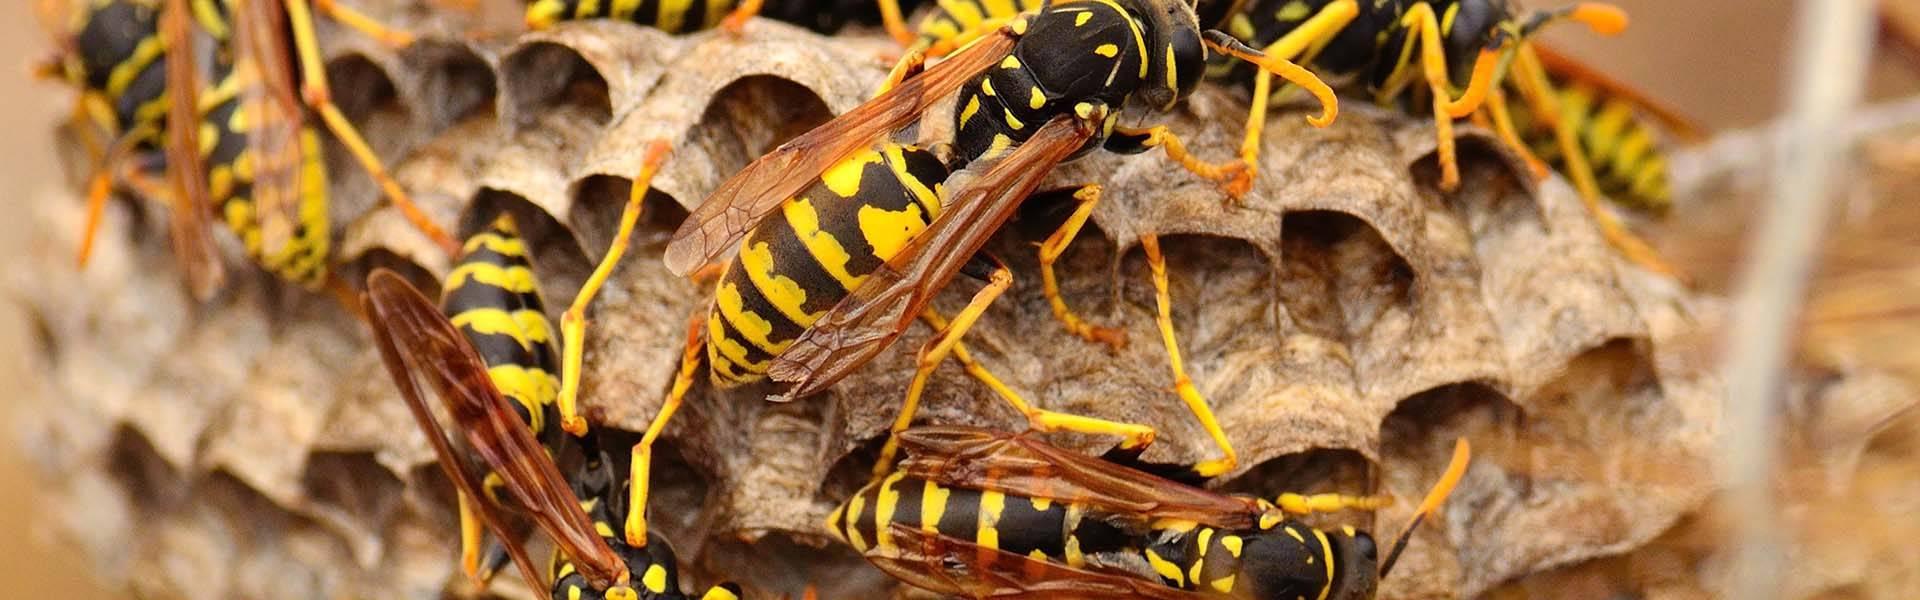 wasp control Brighton